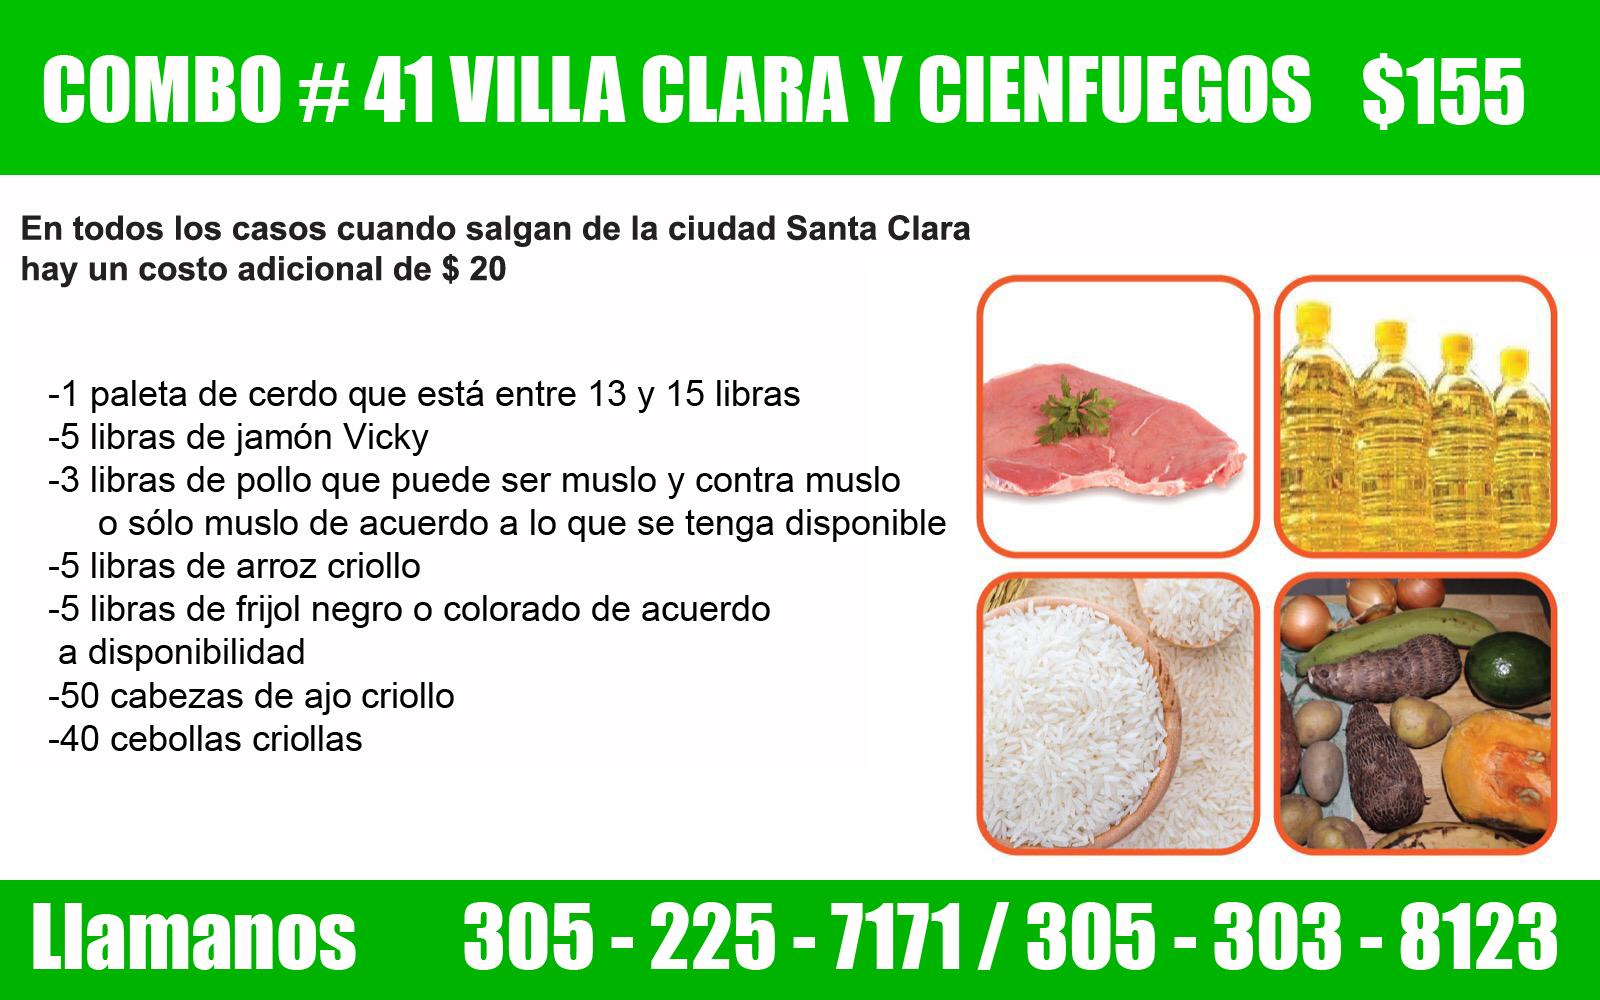 COMBO # 41 VILLA CLARA Y CIENFUEGOS $ 155